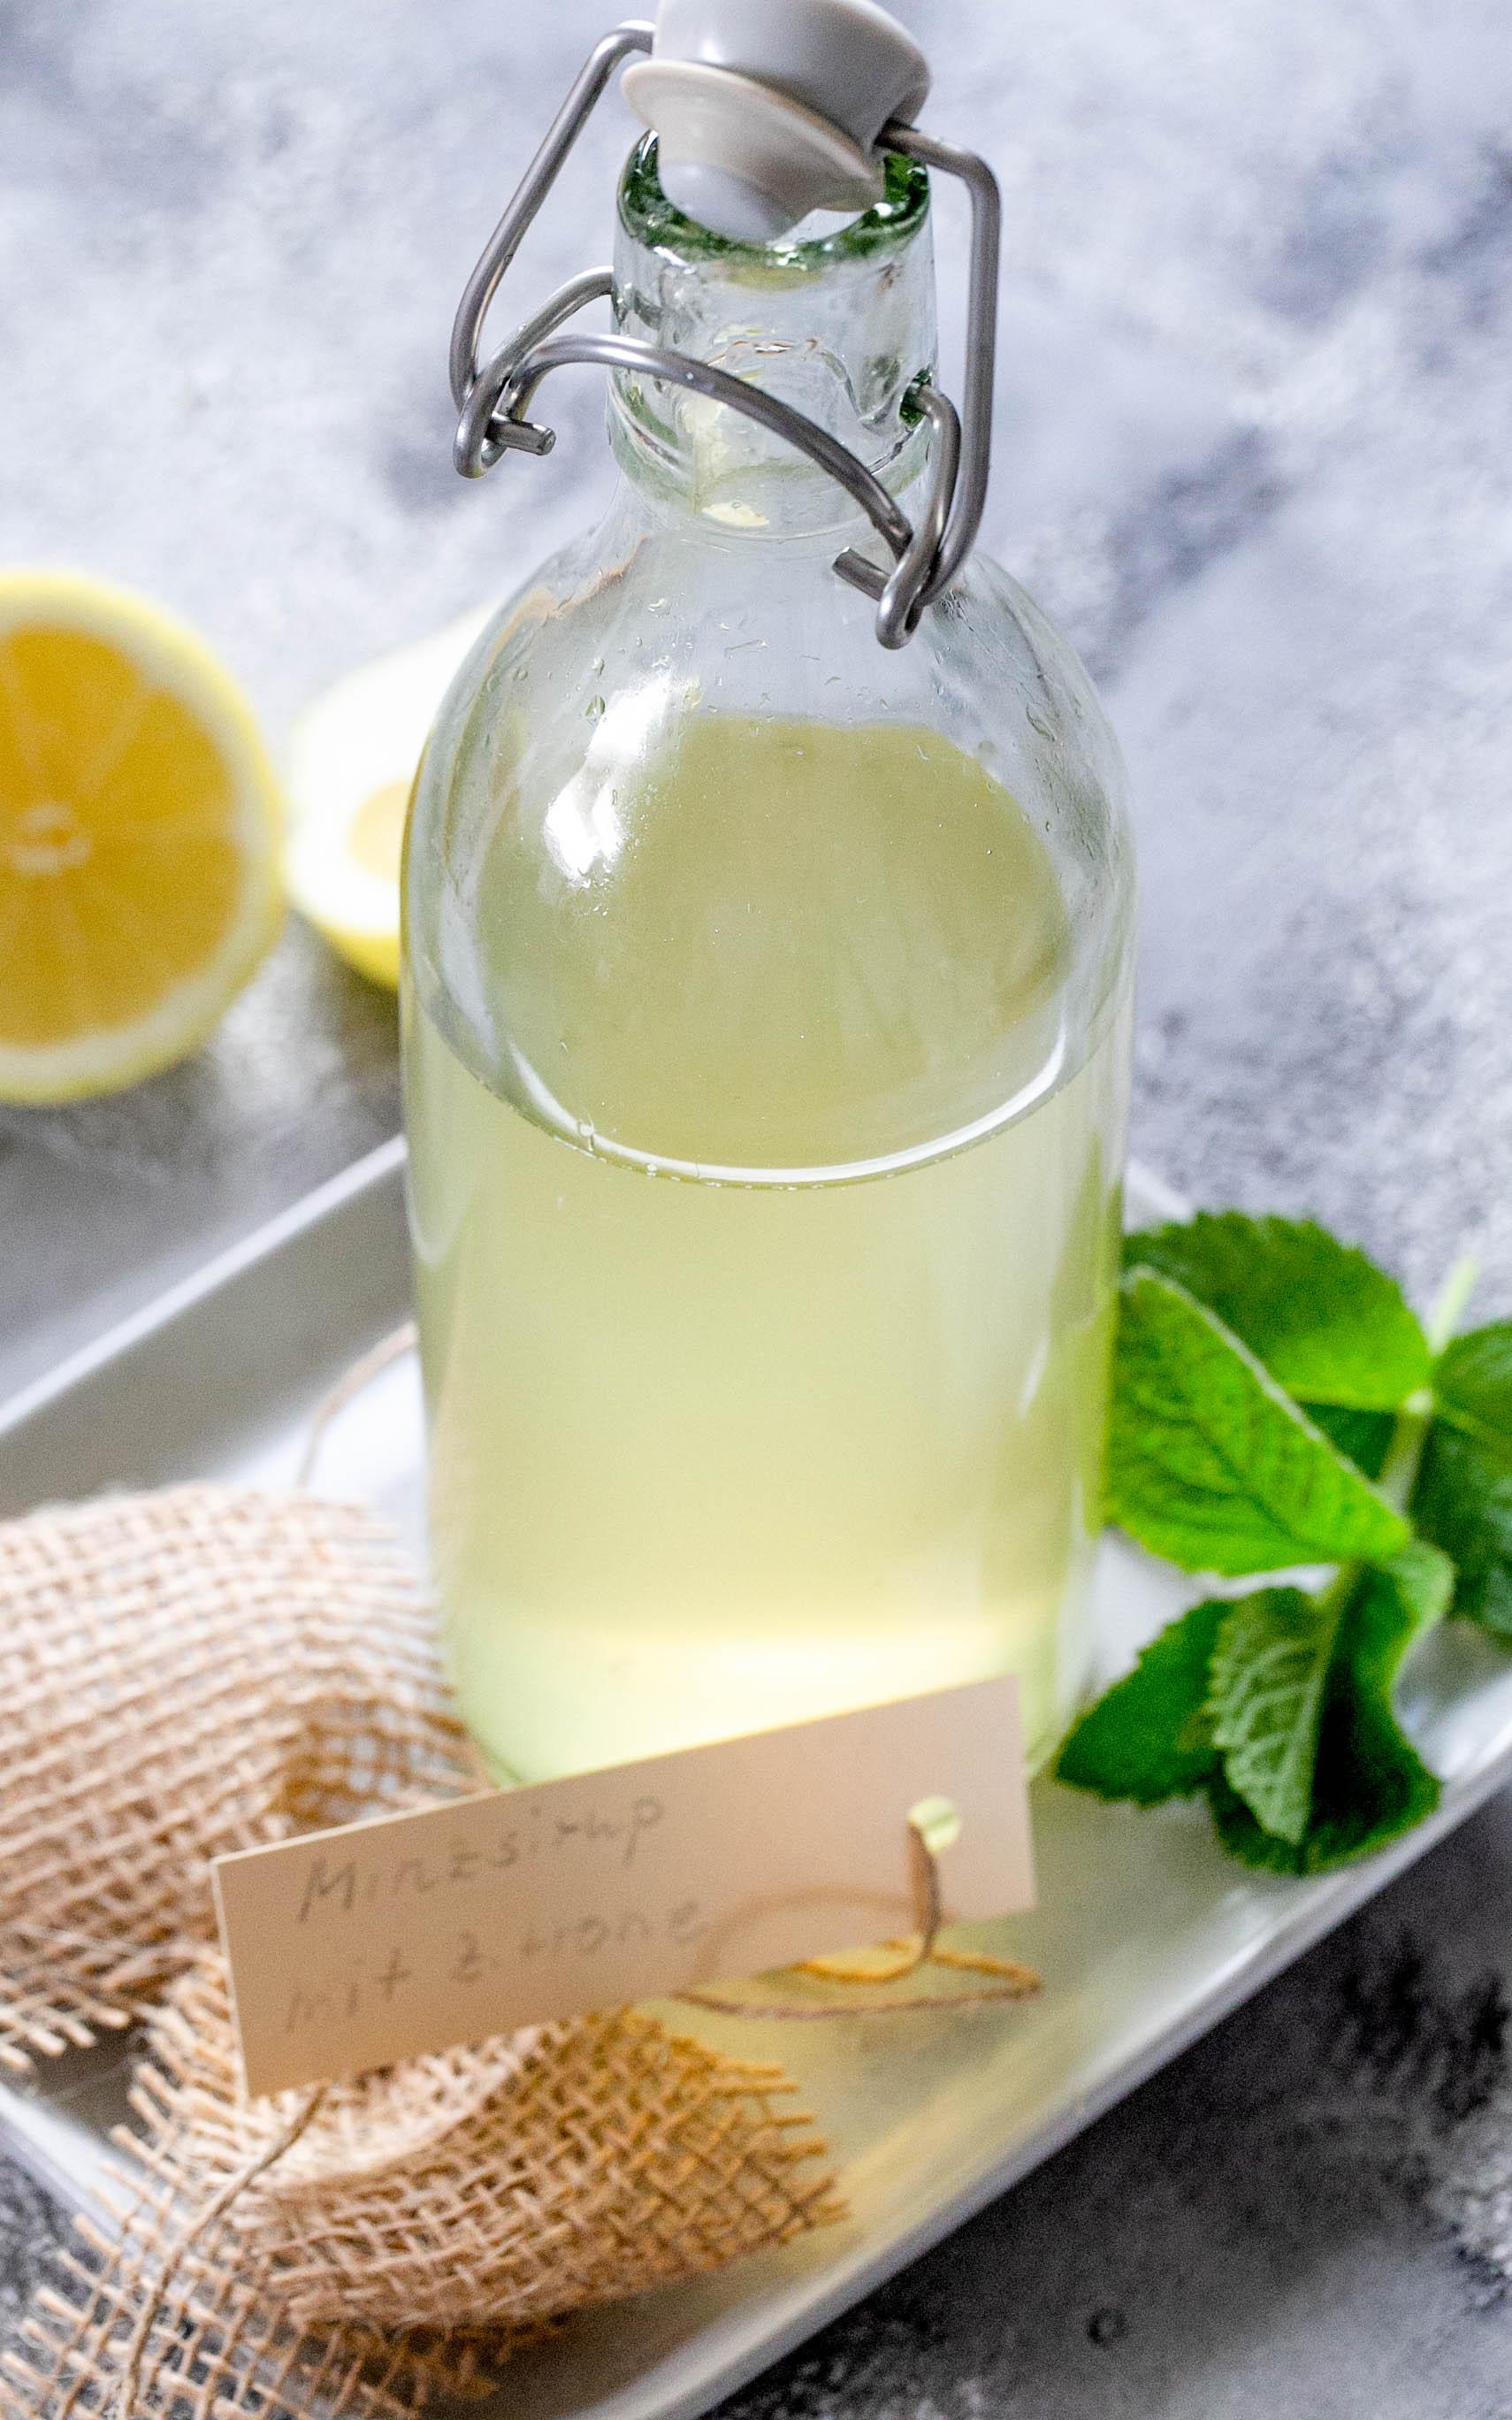 Minzsirup mit Zitrone aus dem Thermomix®